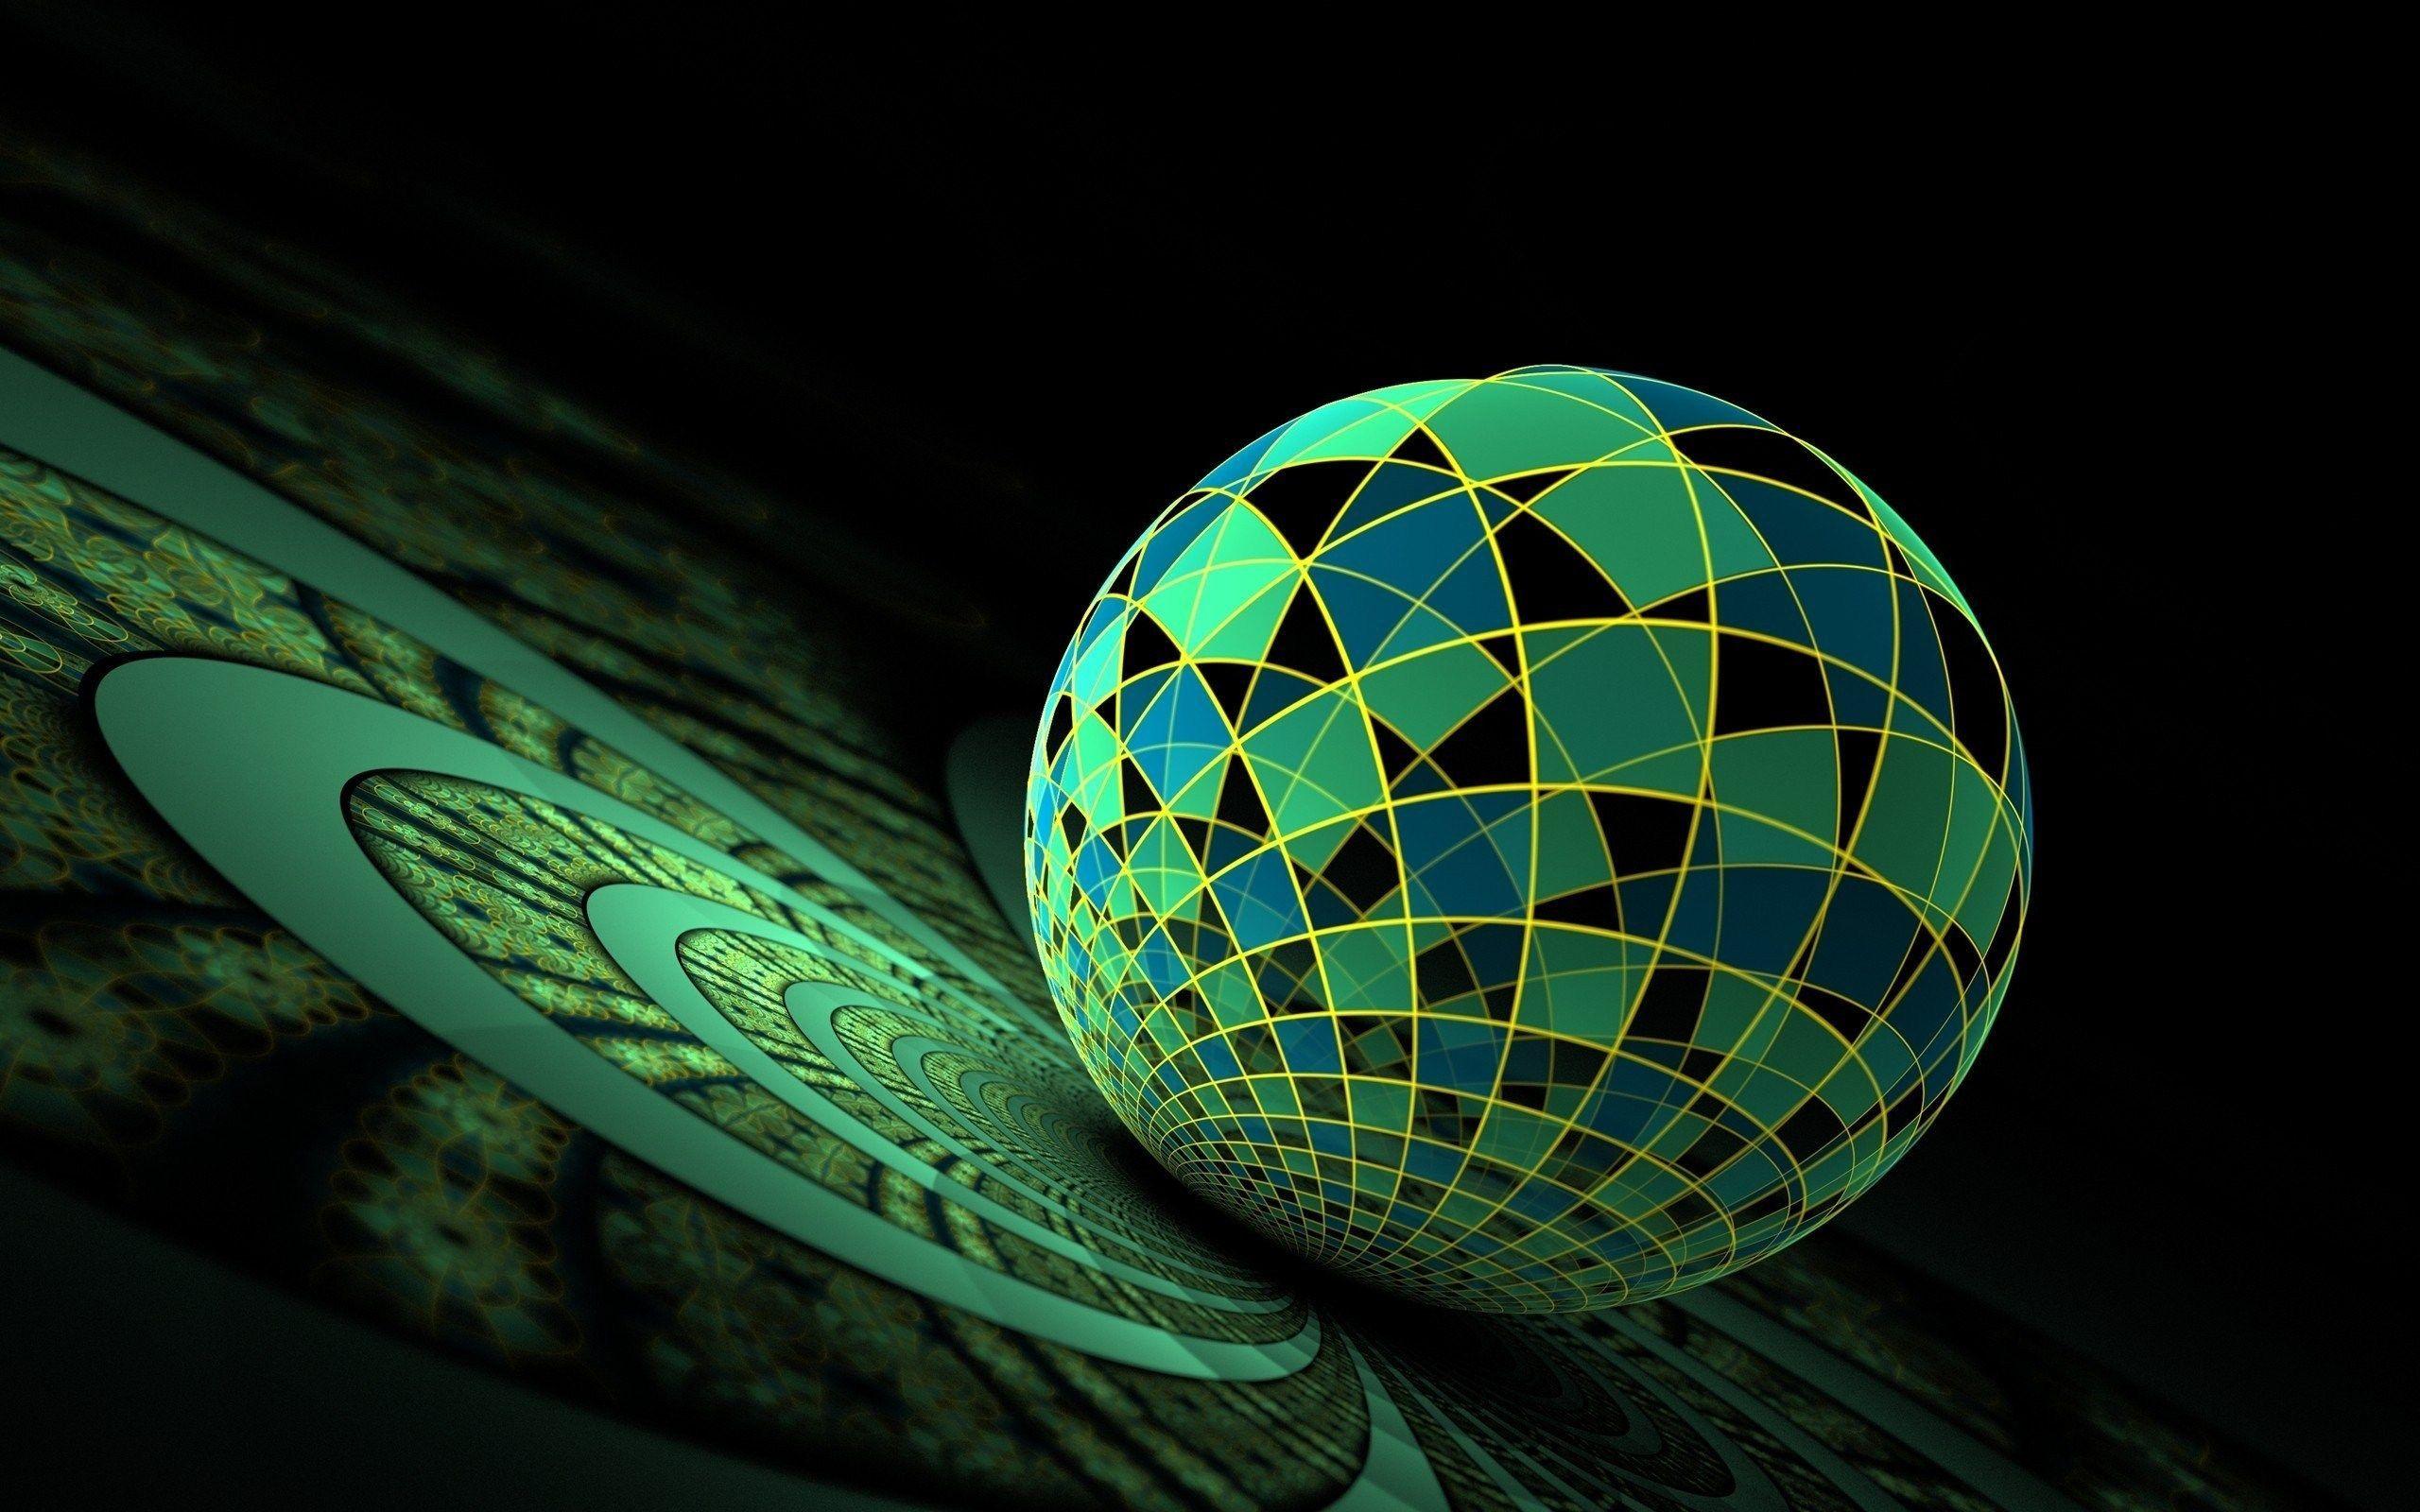 خلفيات كمبيوتر ثلاثية الأبعاد 3d Wallpapers Desktop Backgrounds Tecnologis 3d Desktop Wallpaper Computer Wallpaper Hd Computer Wallpaper Desktop Wallpapers